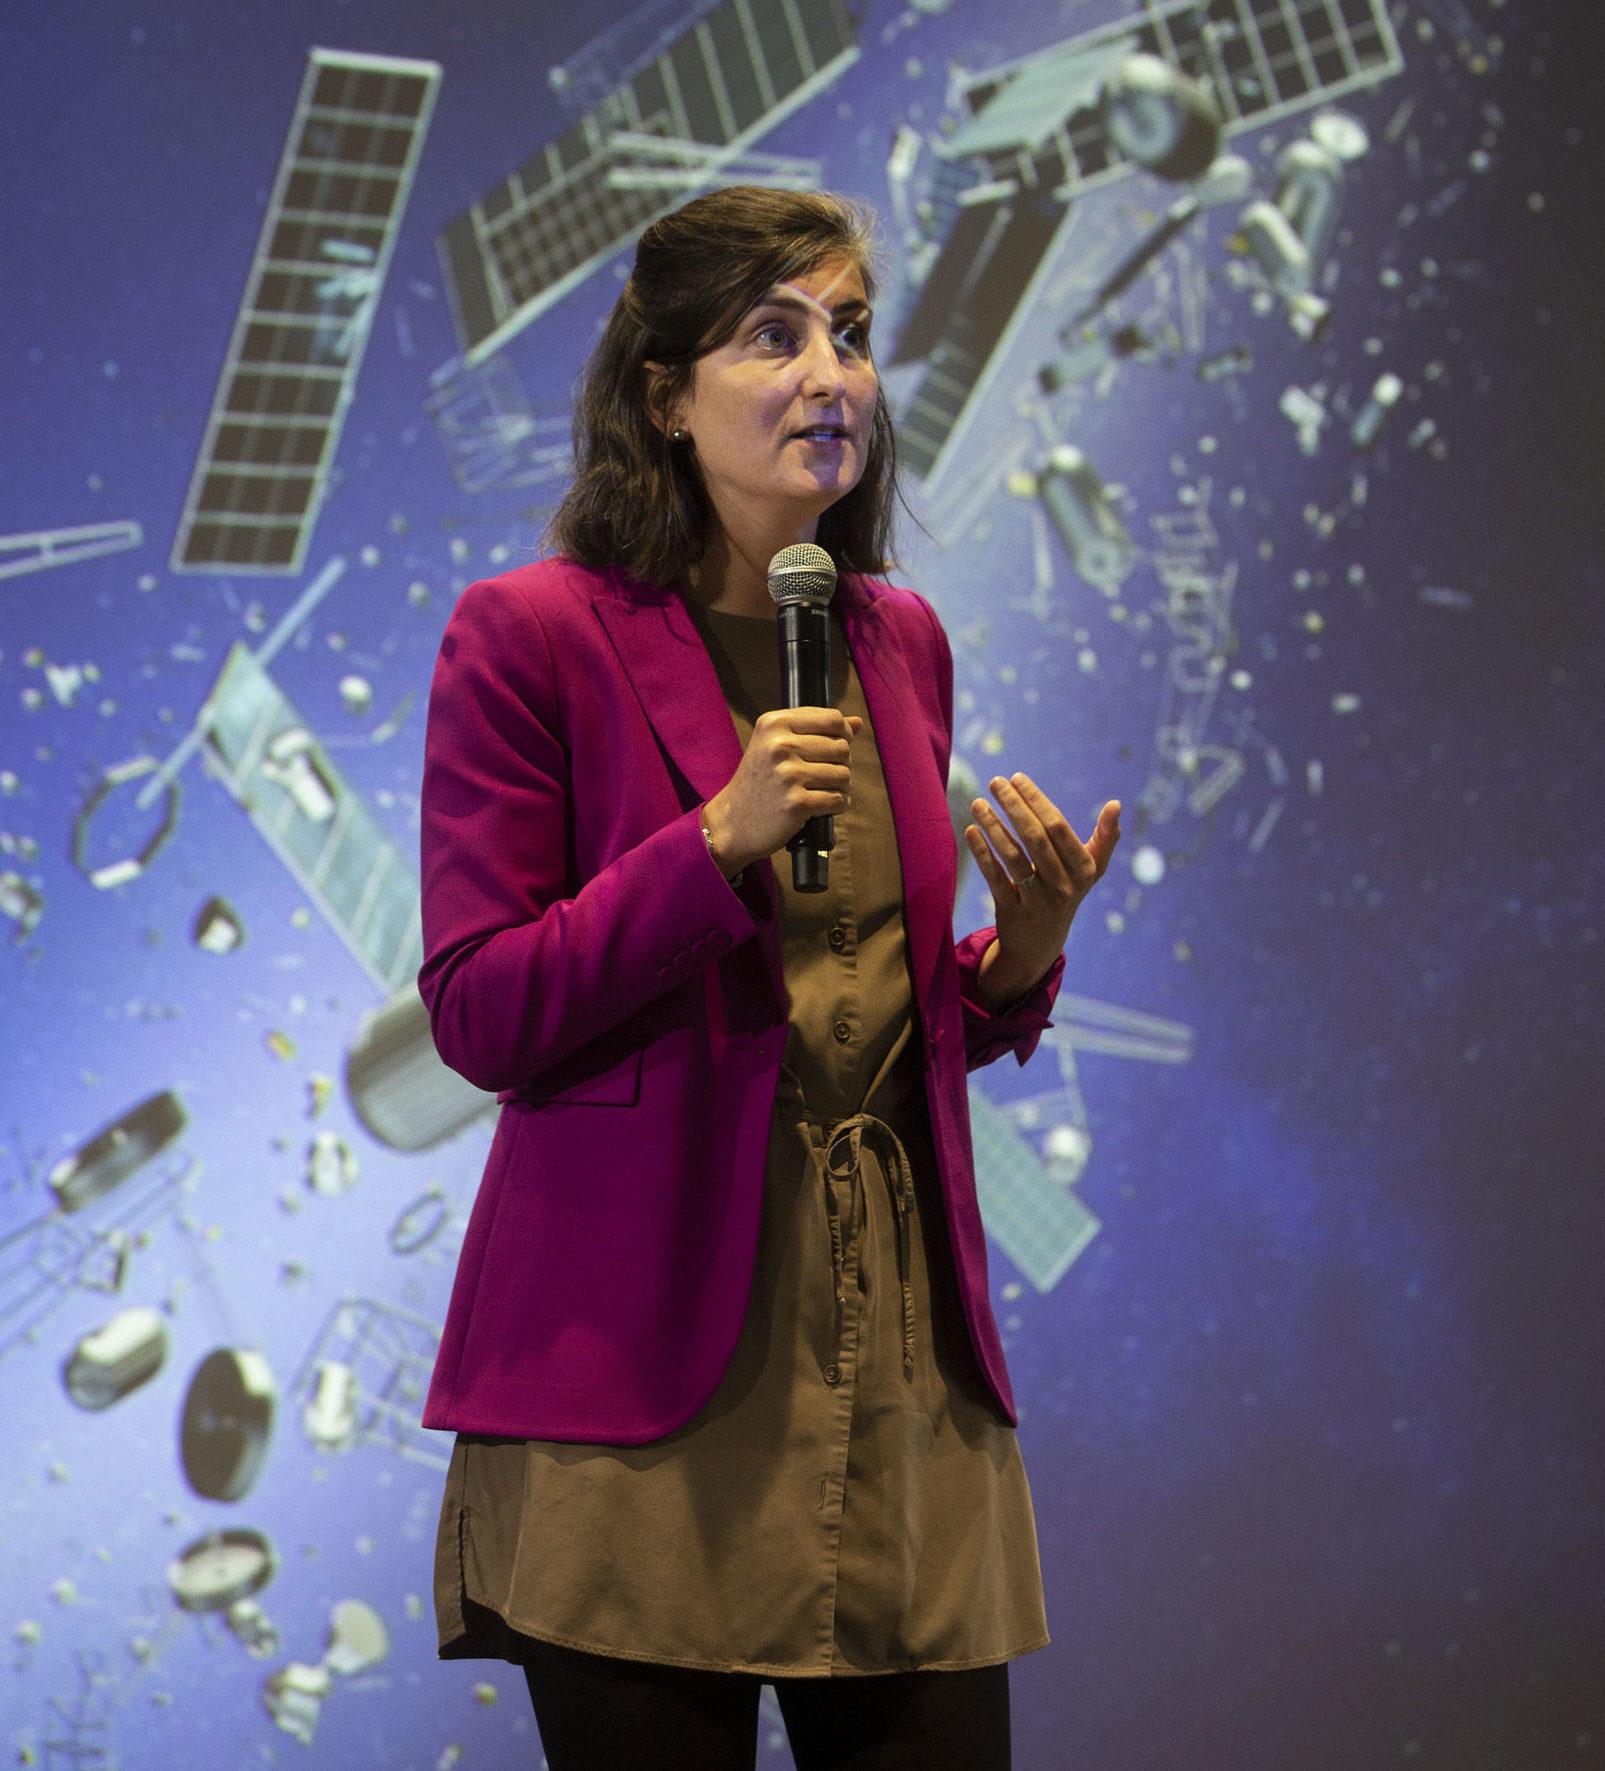 Emmanuelle Davids